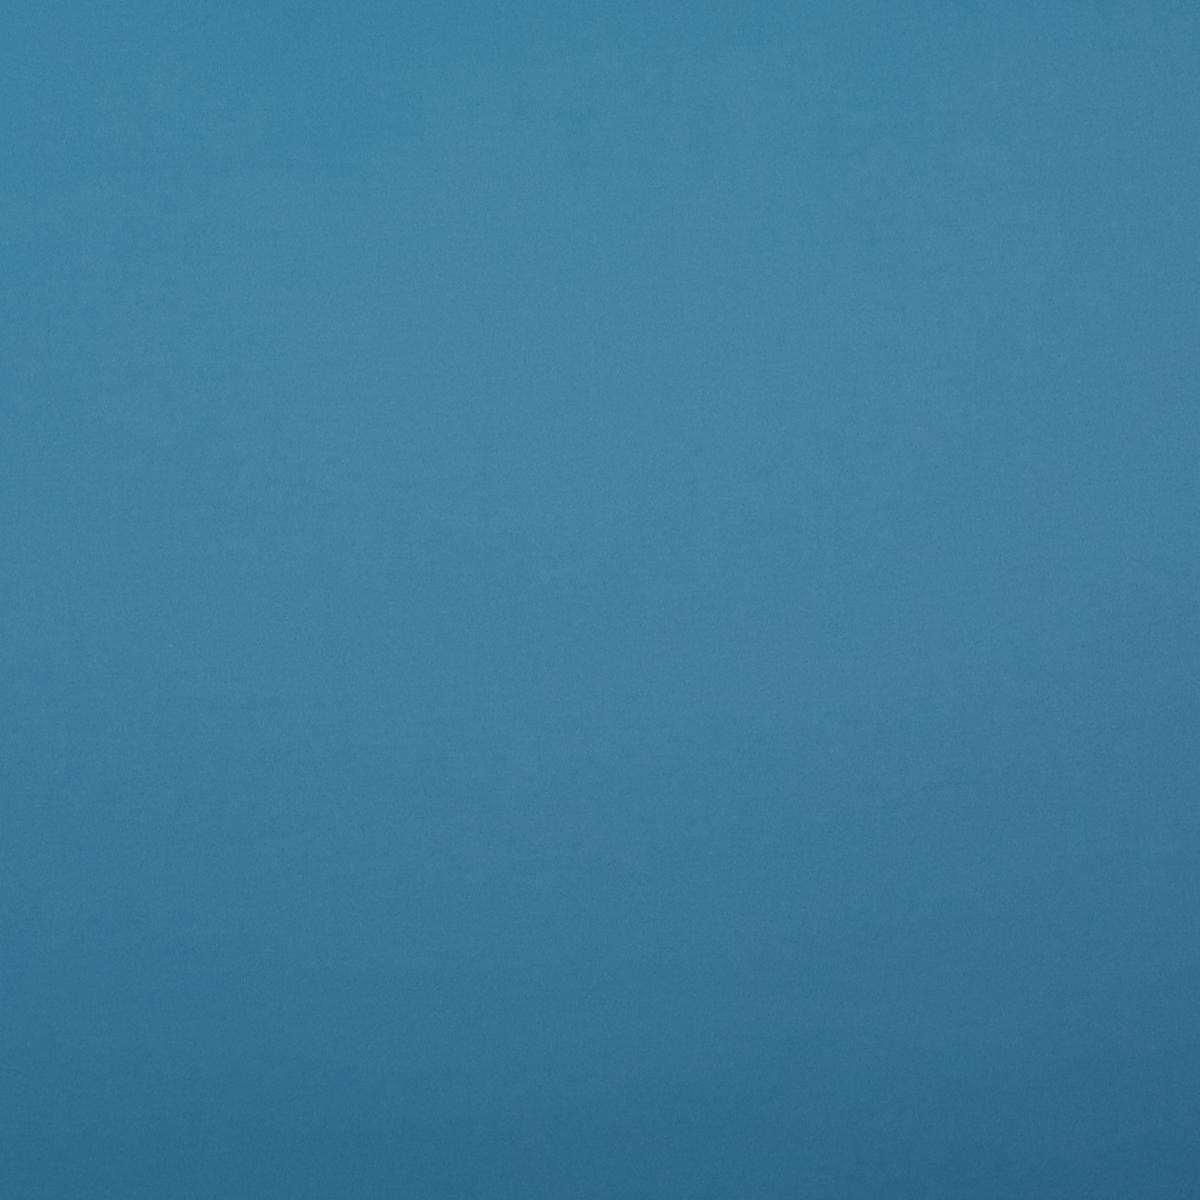 Кашемир пальтовый цвета голубого неба